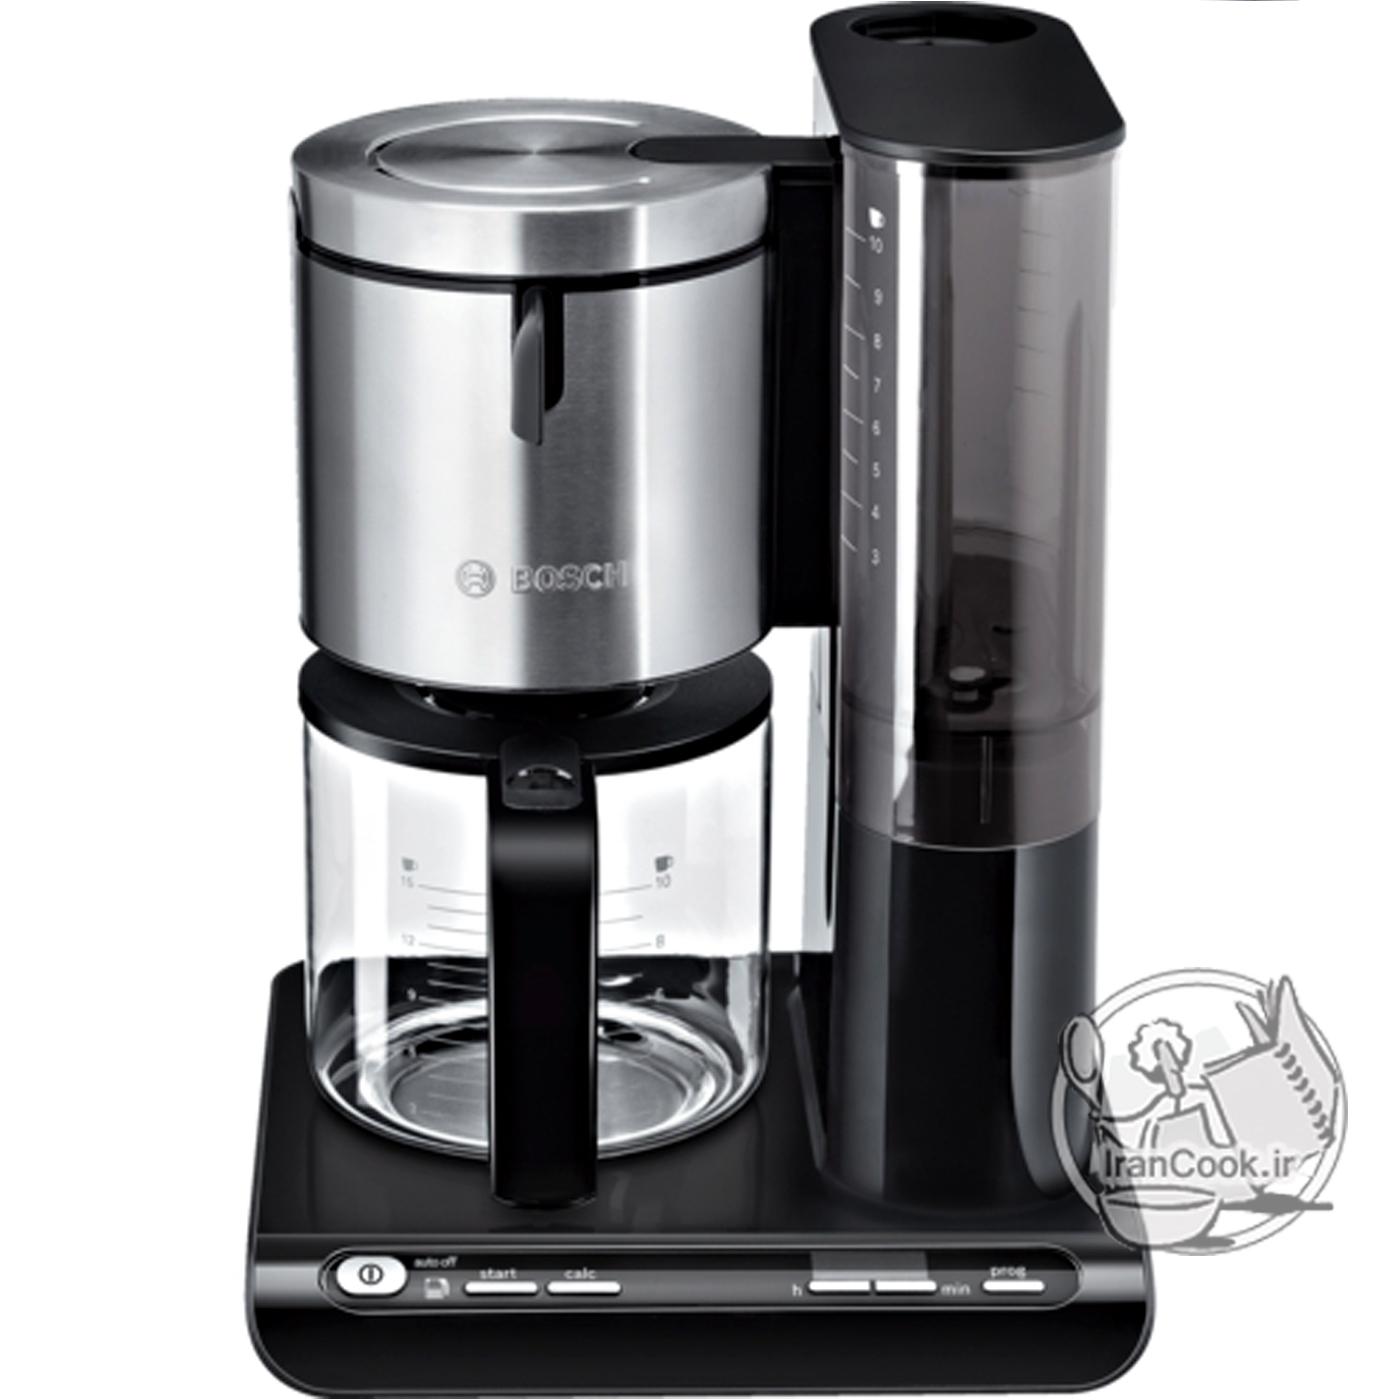 قهوه ساز بوش BOSCH مدل TKA8633